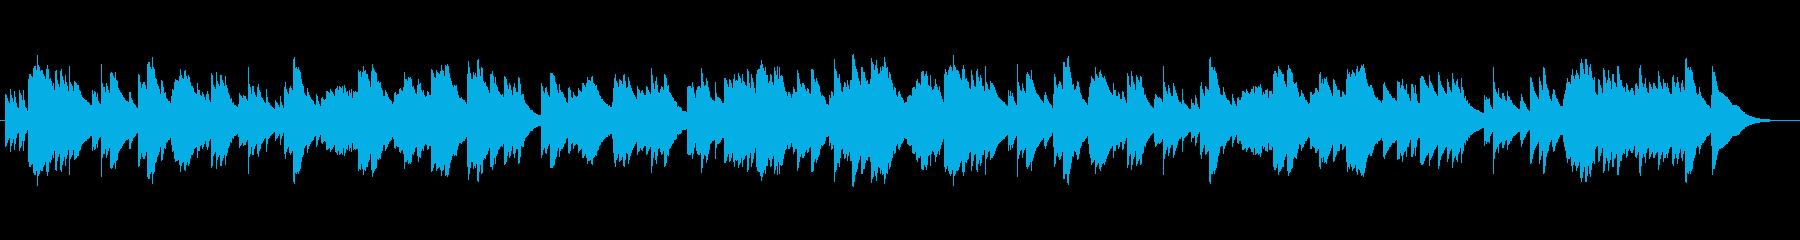 和やかで心が落ち着く音楽の再生済みの波形